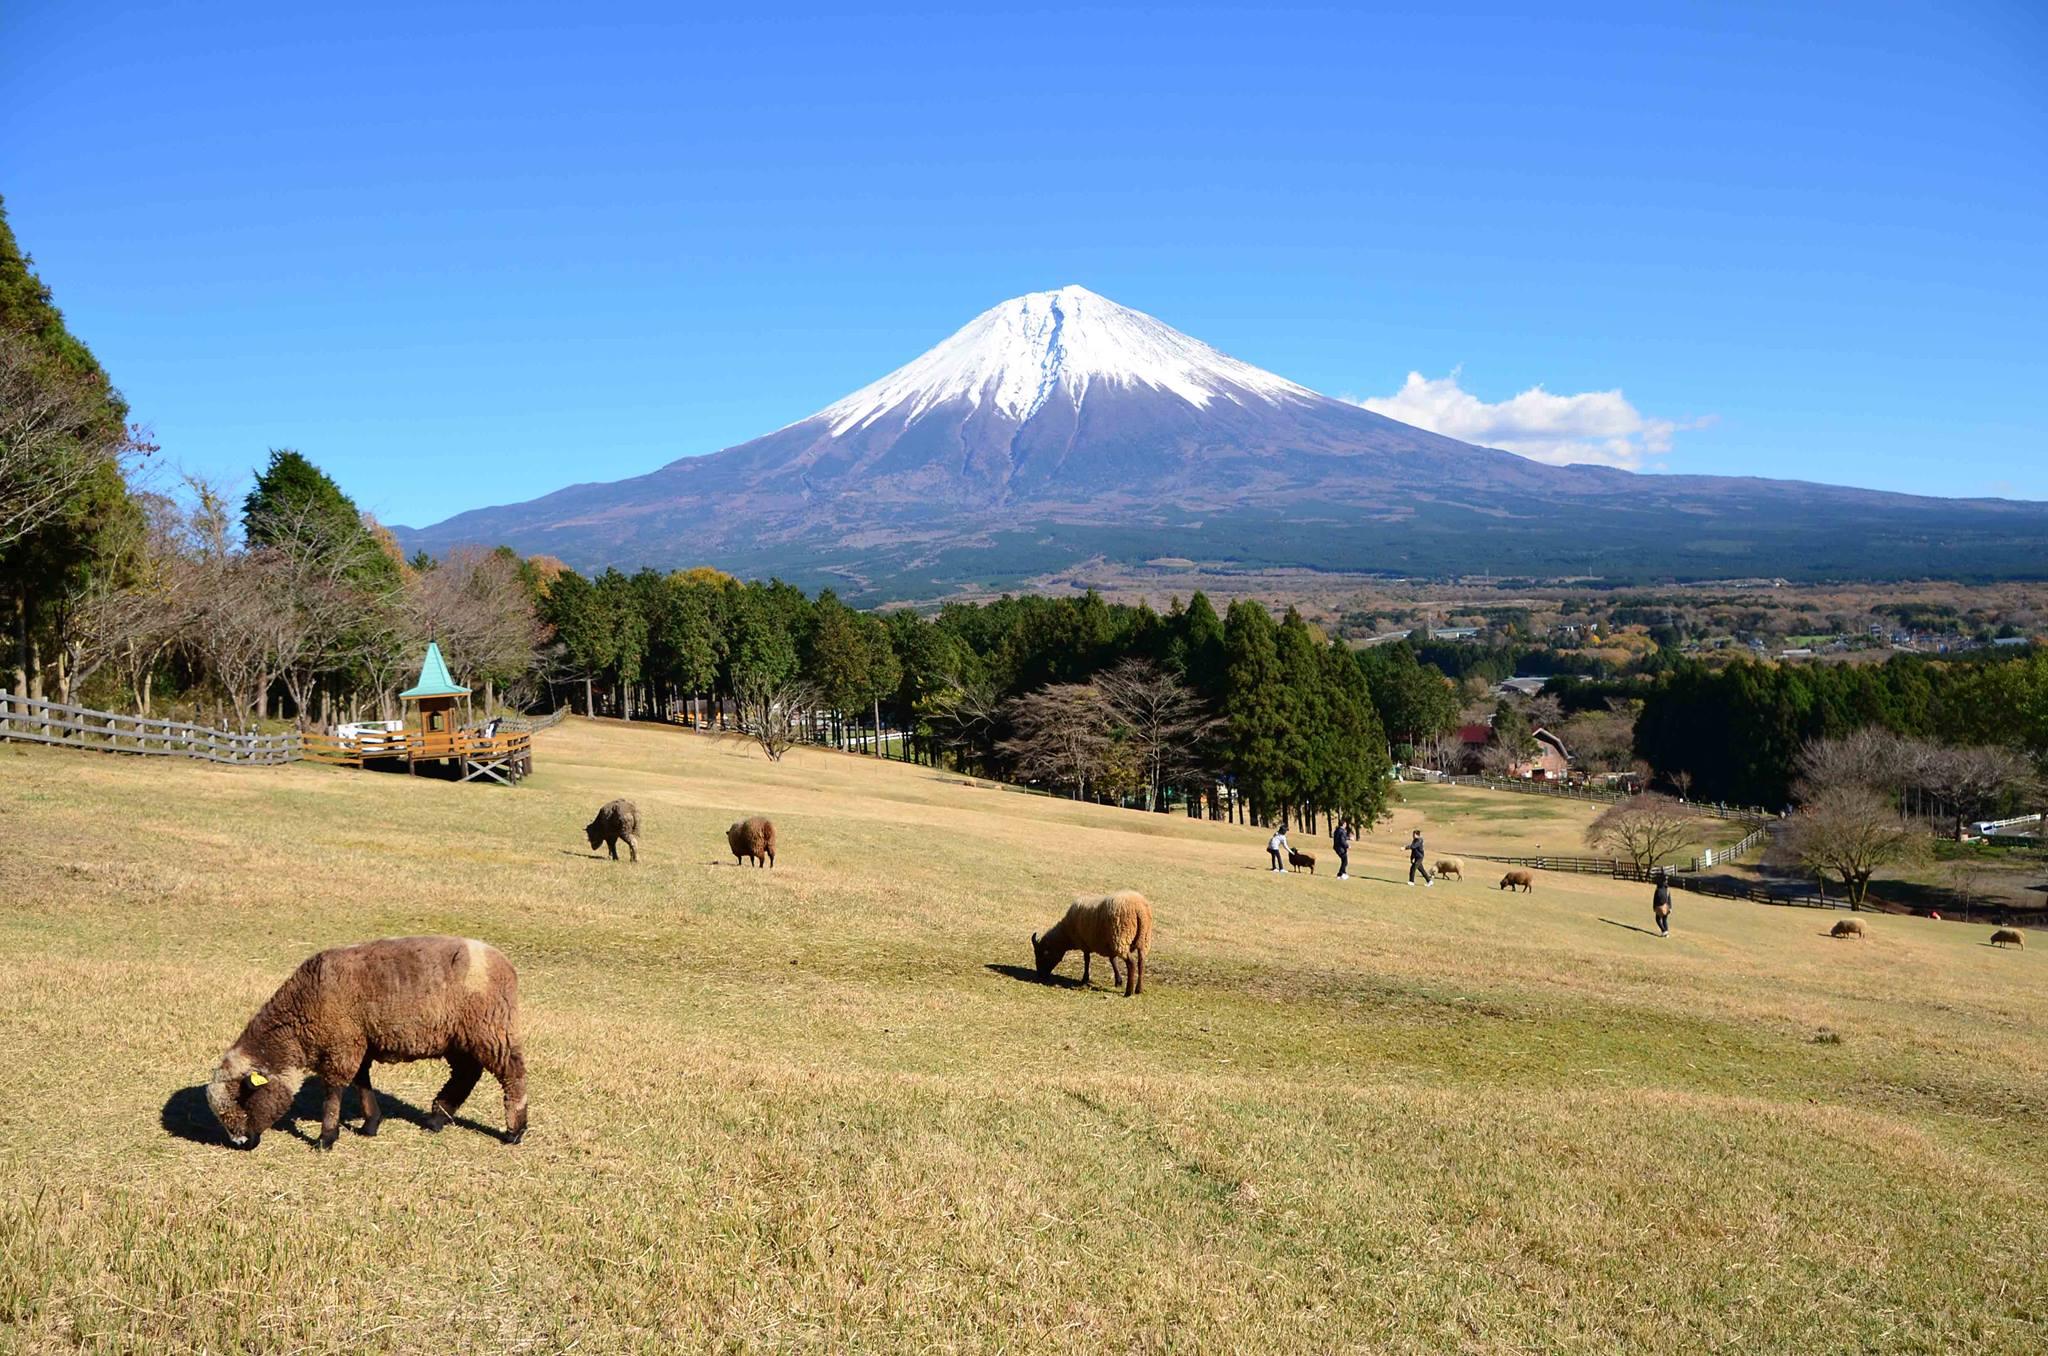 【静岡県のおすすめお出かけスポット】愛犬とまかいの牧場に行こう!